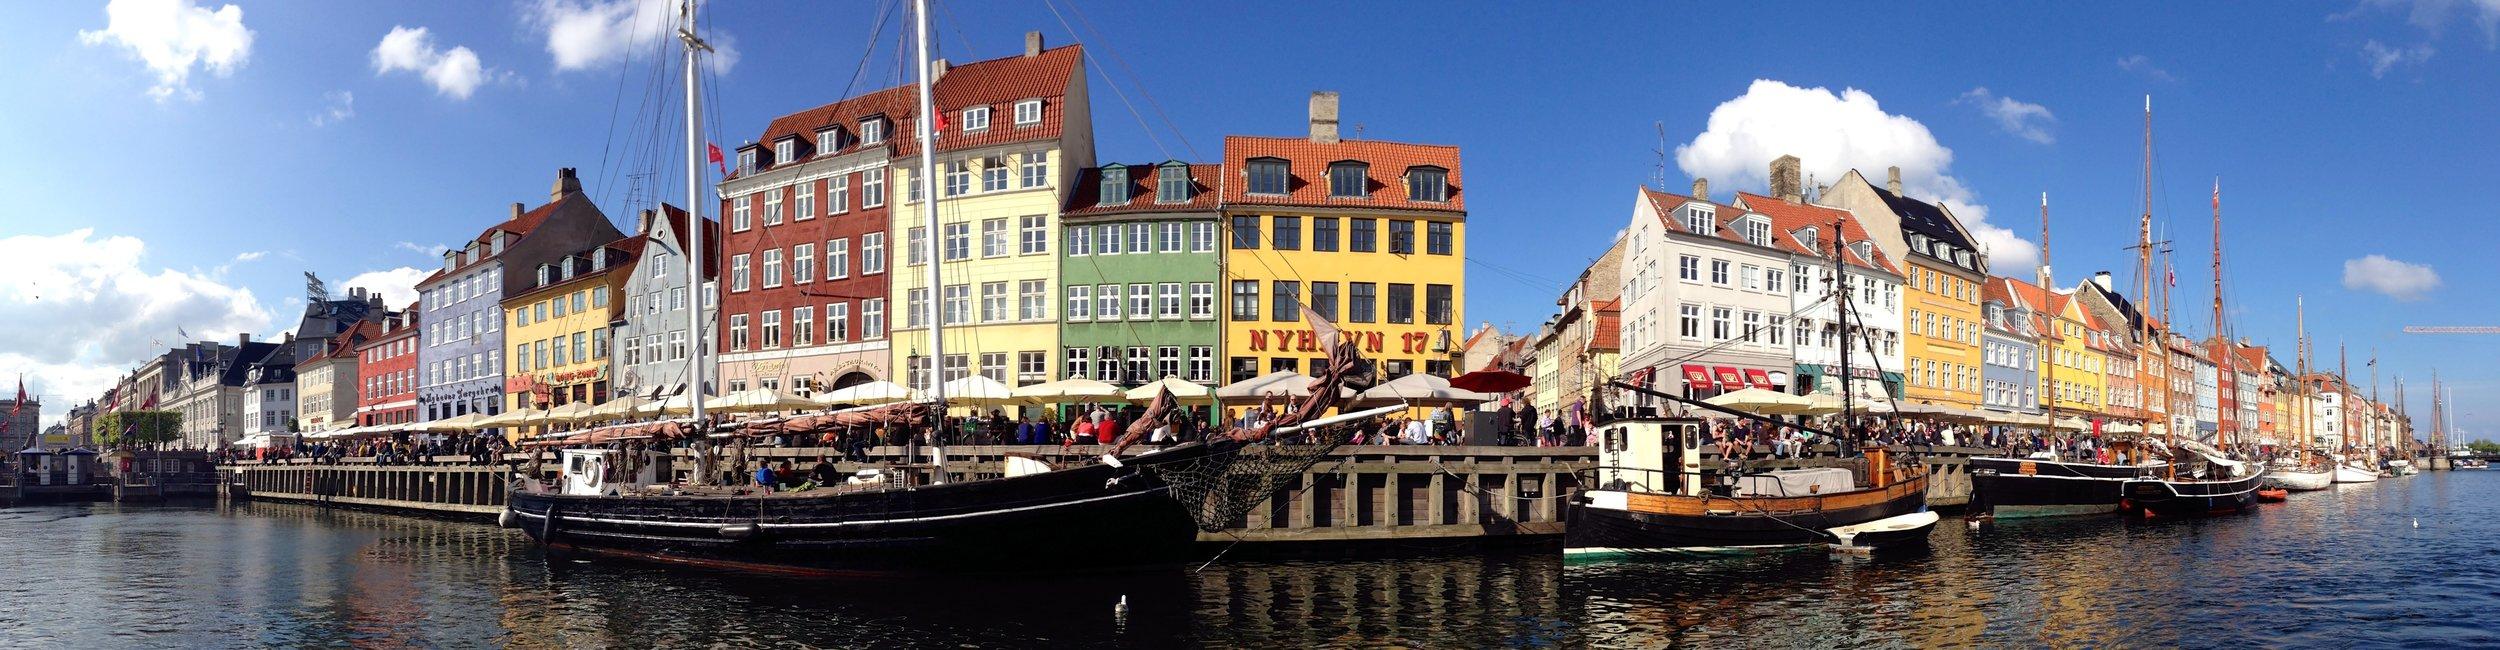 Copenhagen-Nyhavn-new-harbor-panorama.jpg